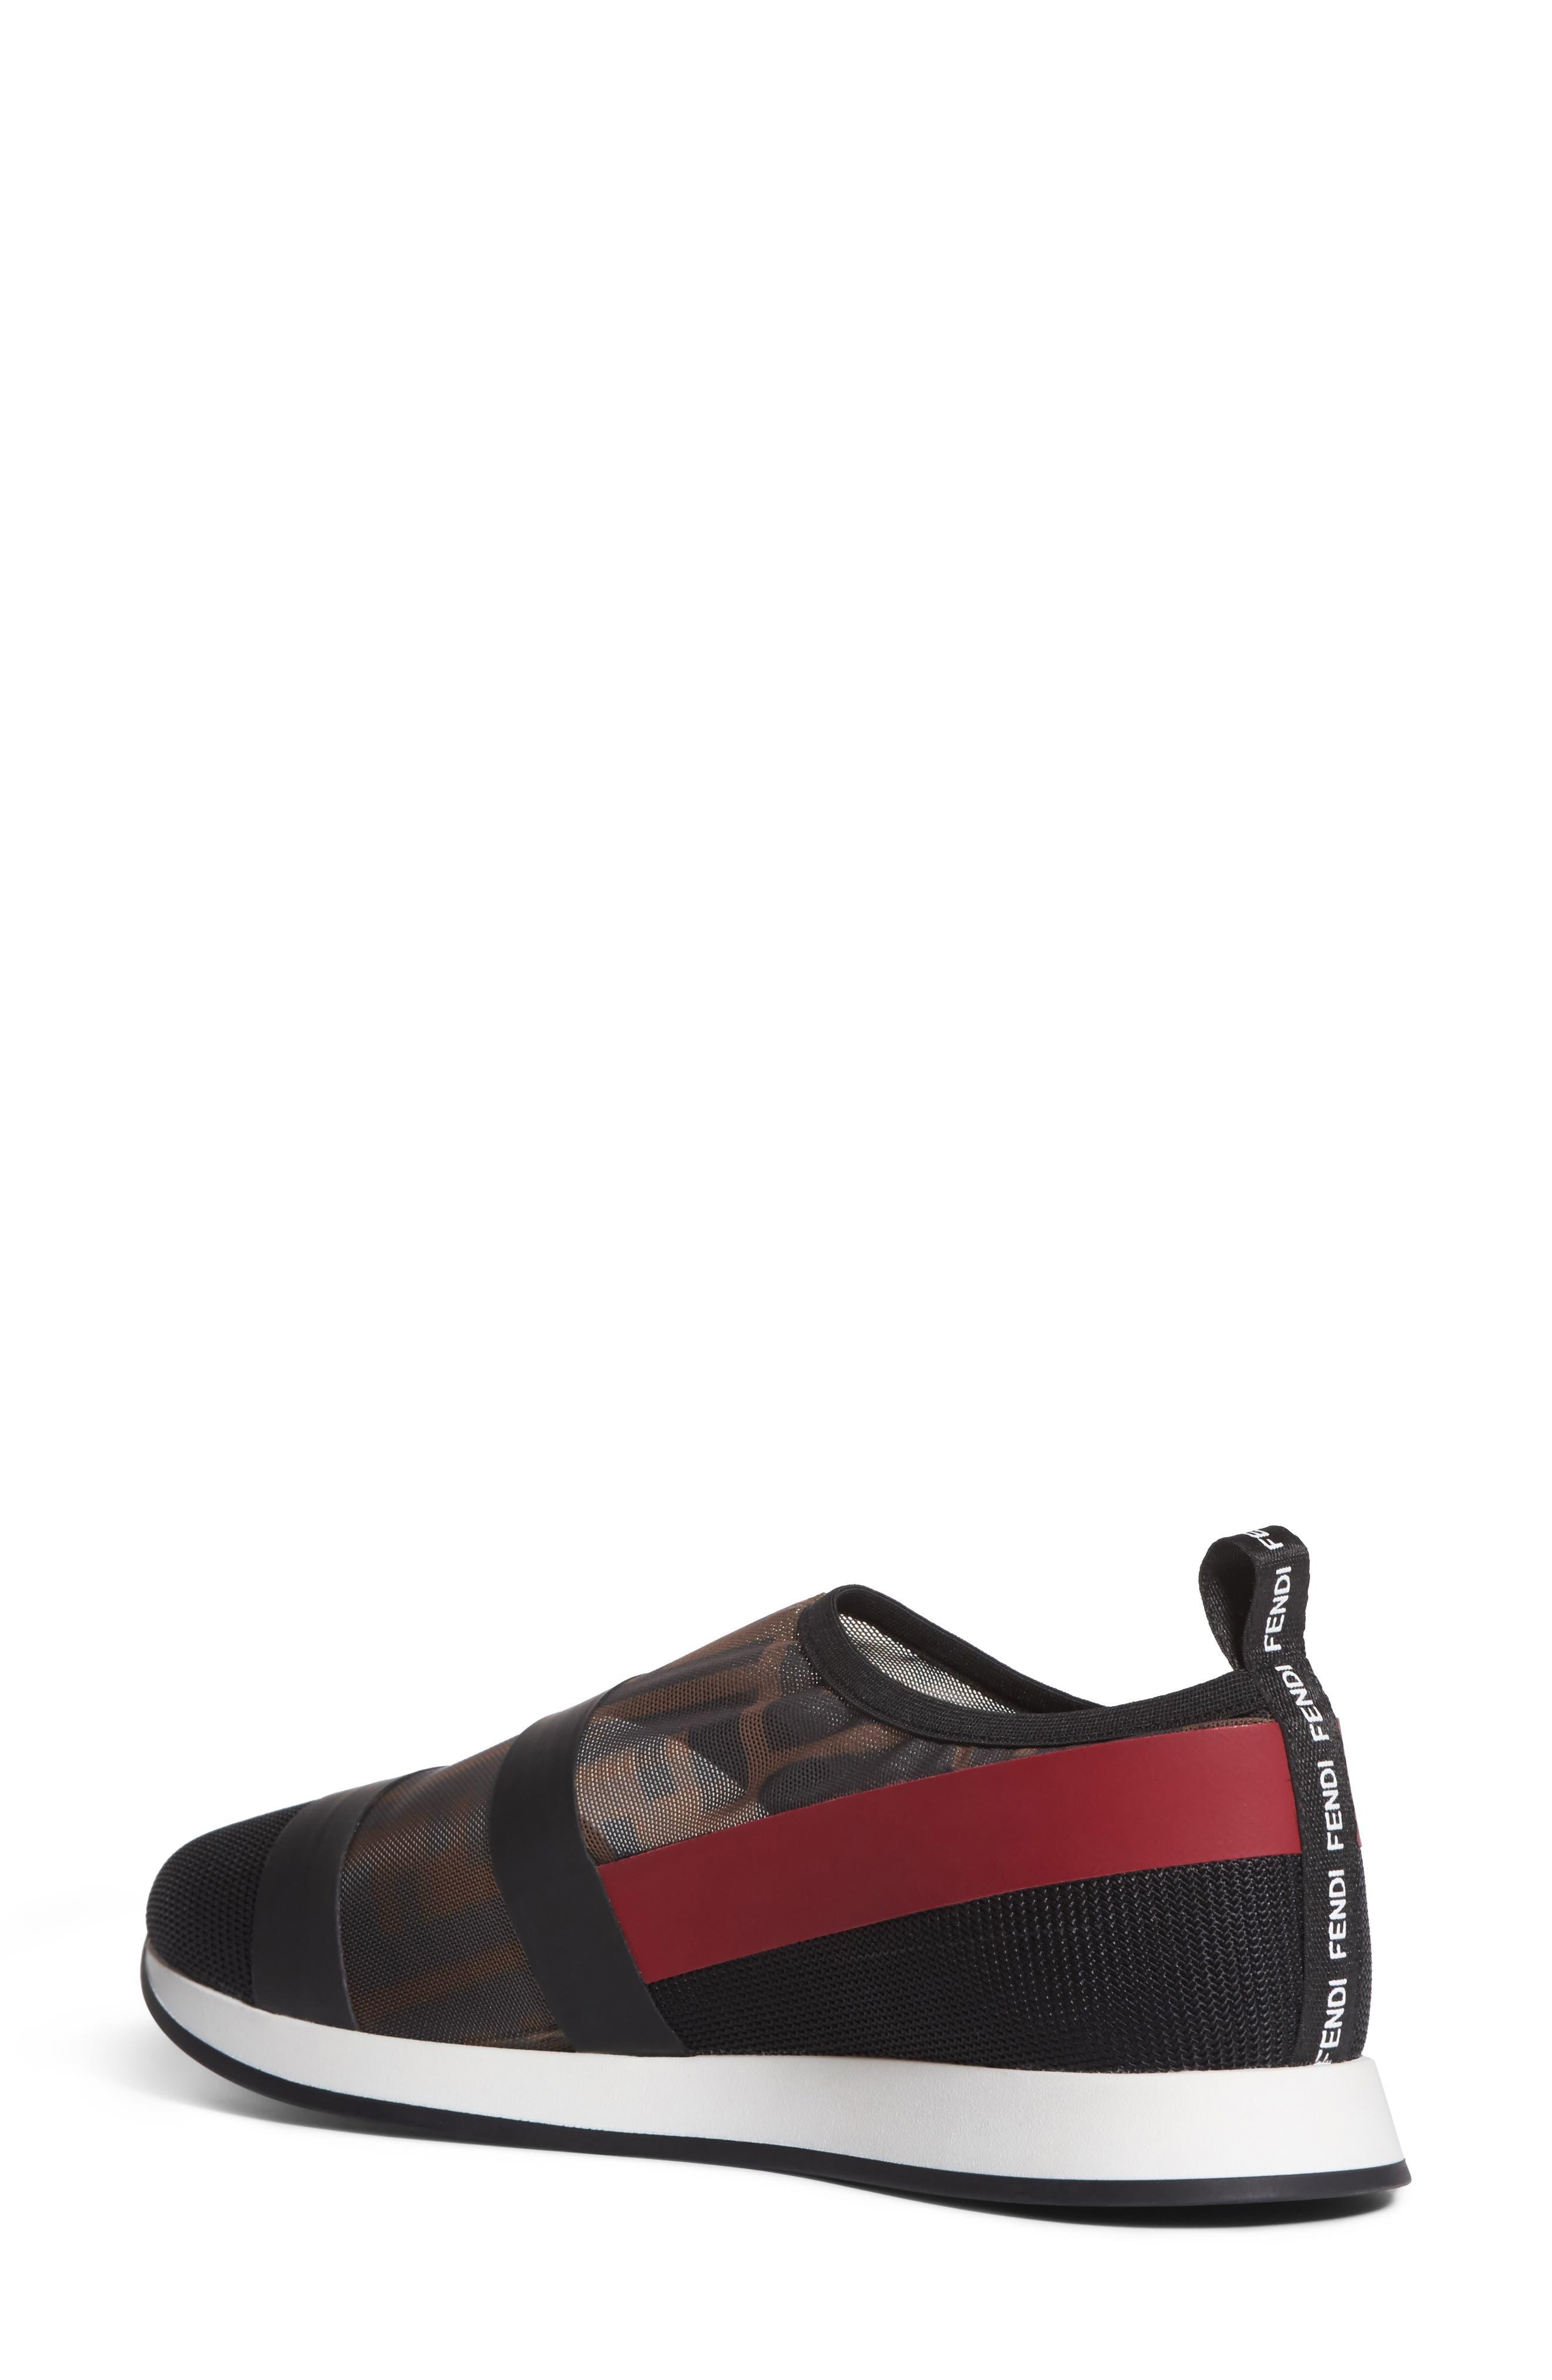 Logo Slip-On Sneaker,                             Alternate thumbnail 2, color,                             Black/ Red